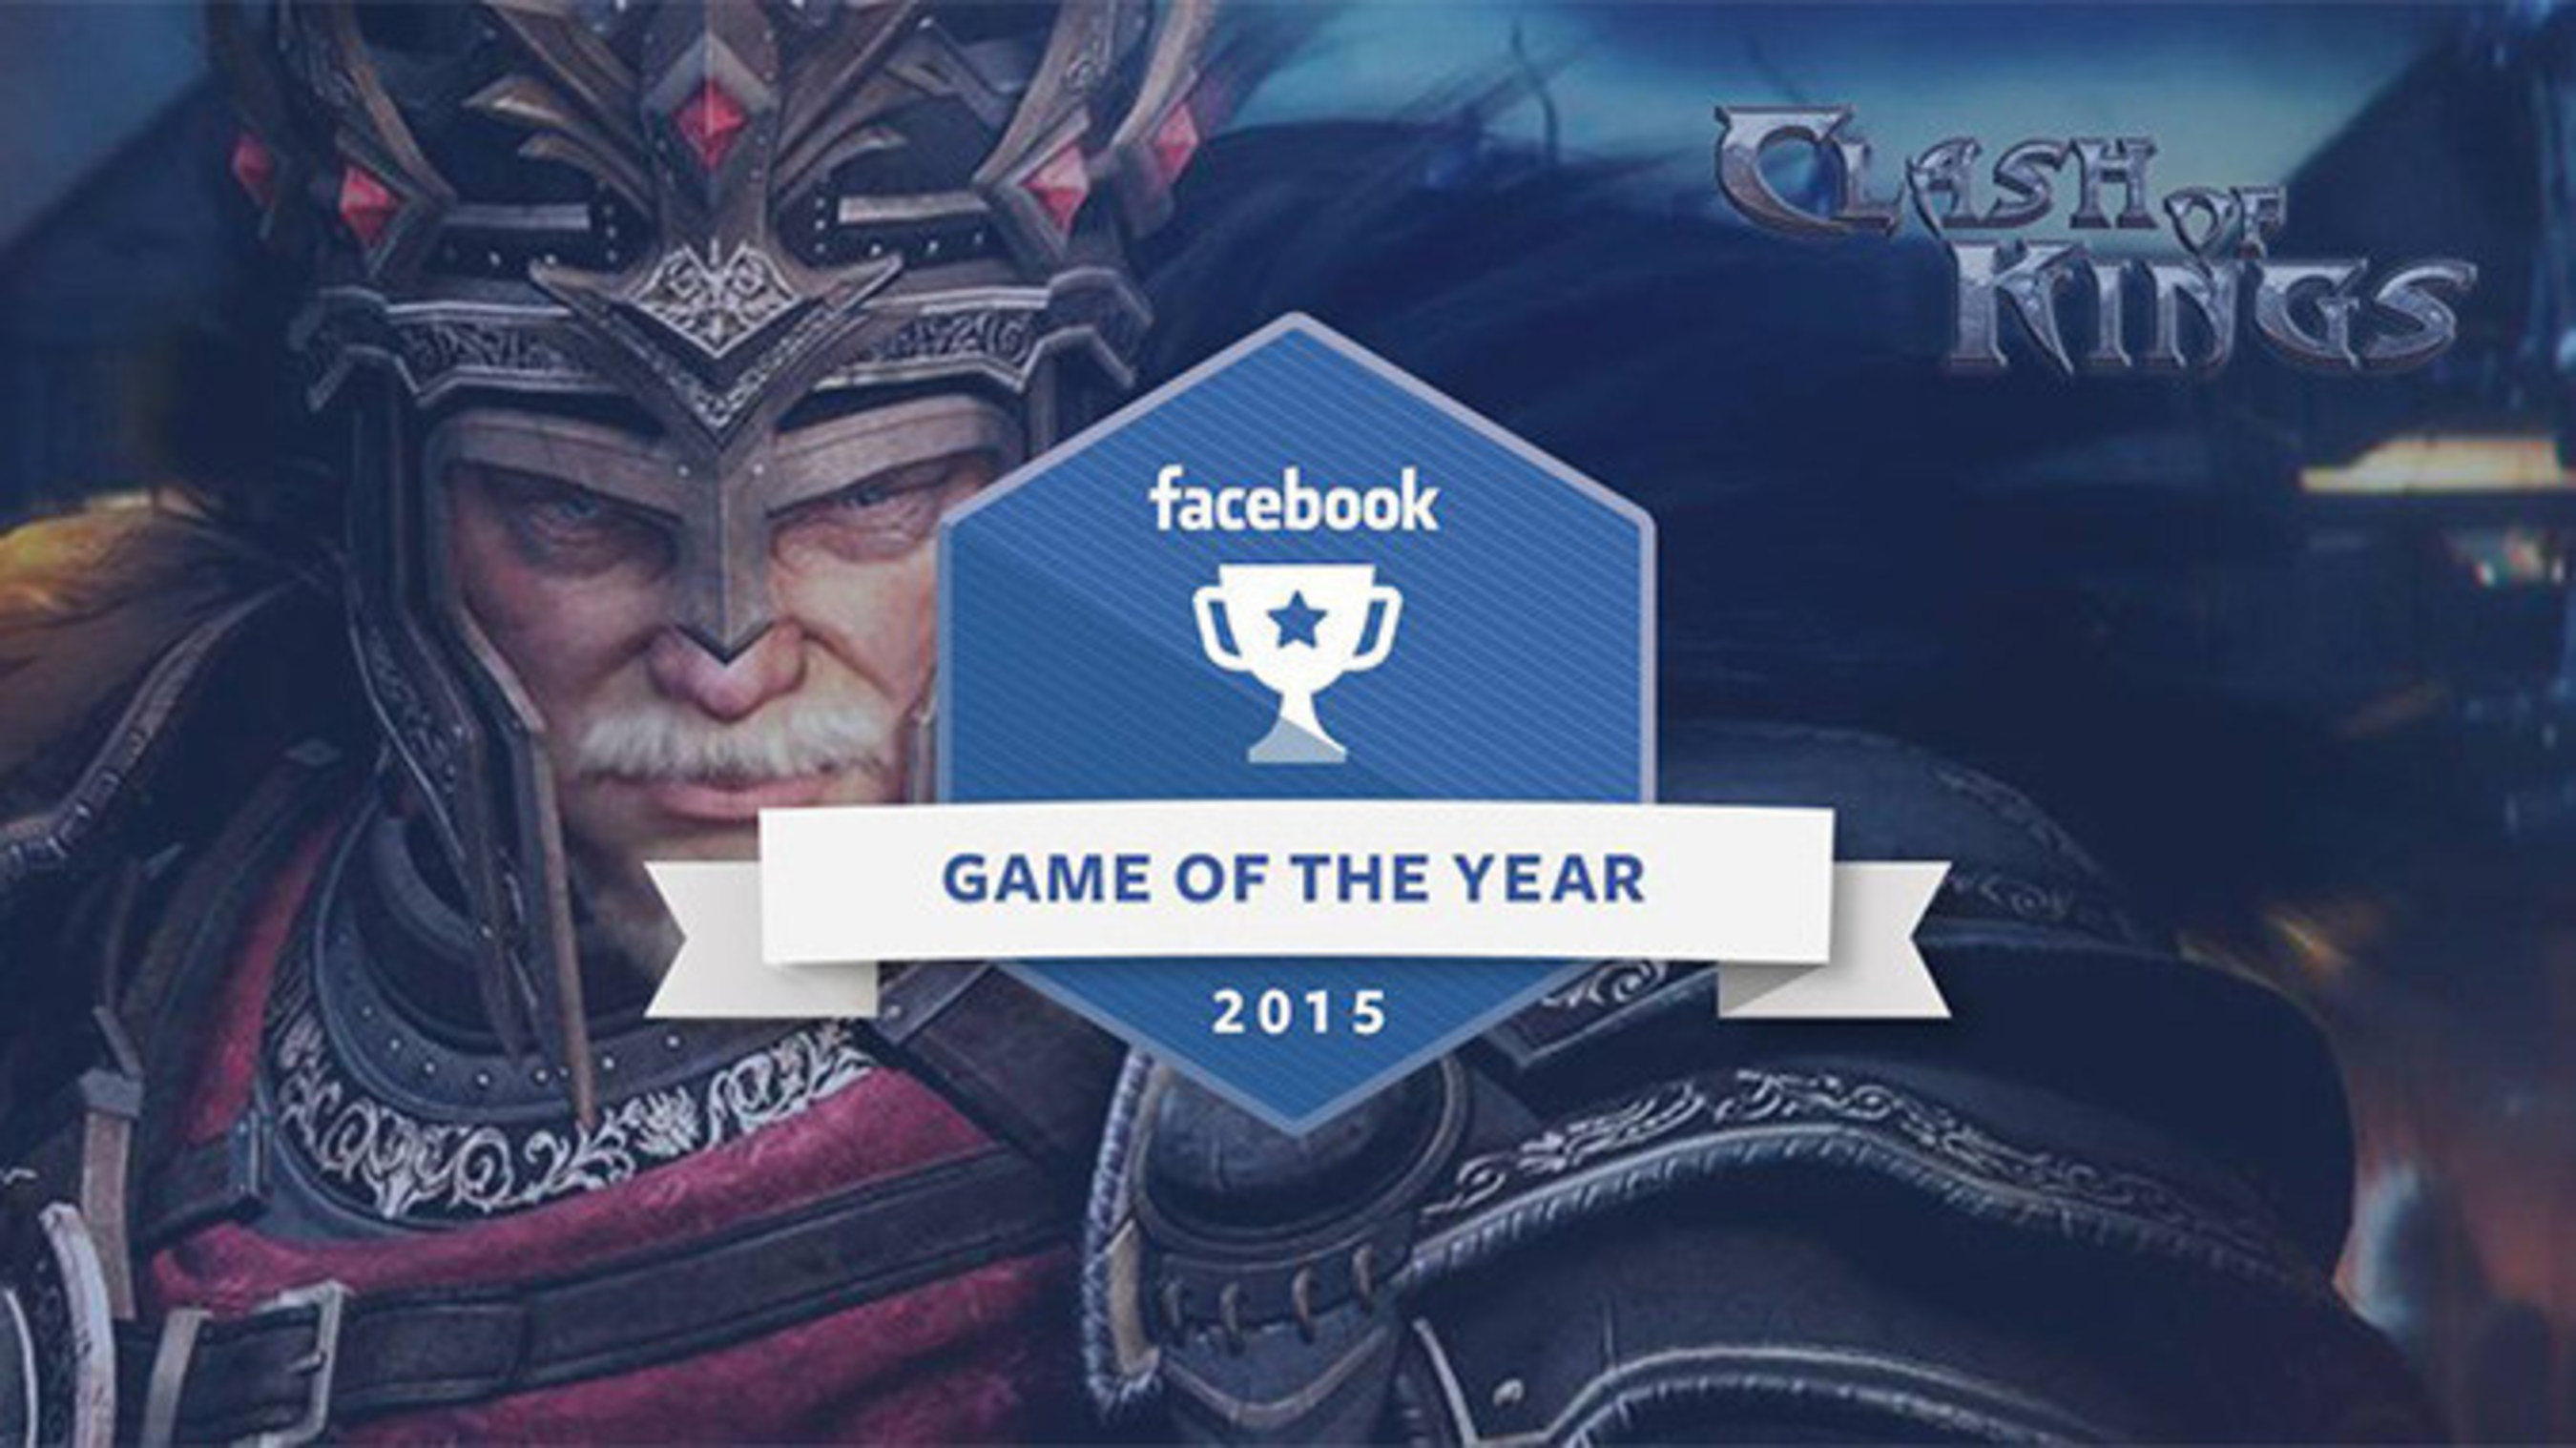 Facebook désigne Clash of Kings Jeu de l'année 2015